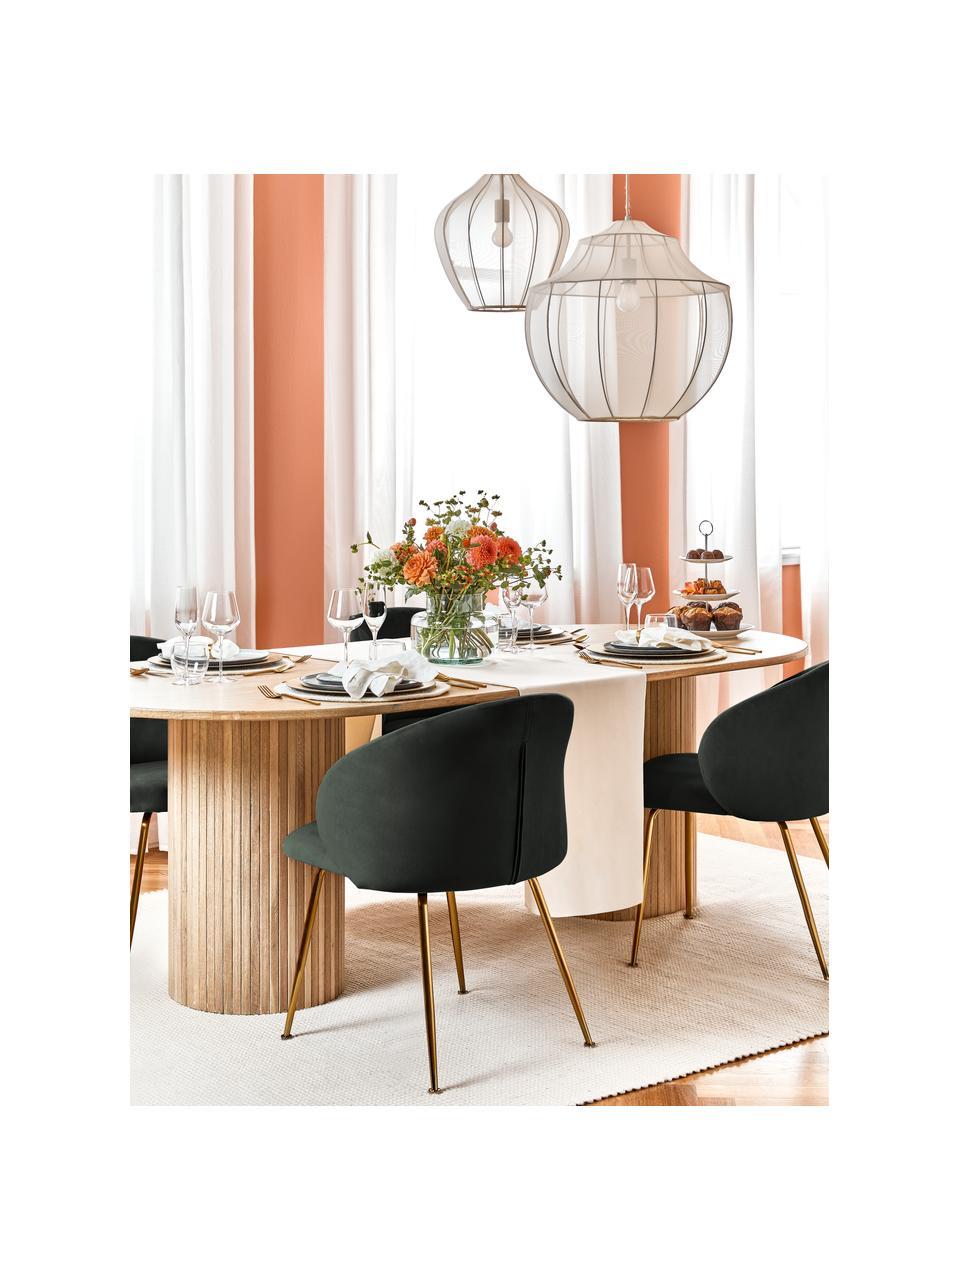 Fluwelen stoelen Luisa, 2 stuks, Bekleding: fluweel (100% polyester), Poten: gelakt metaal, Fluweel donkergroen, goudkleurig, 59 x 58 cm